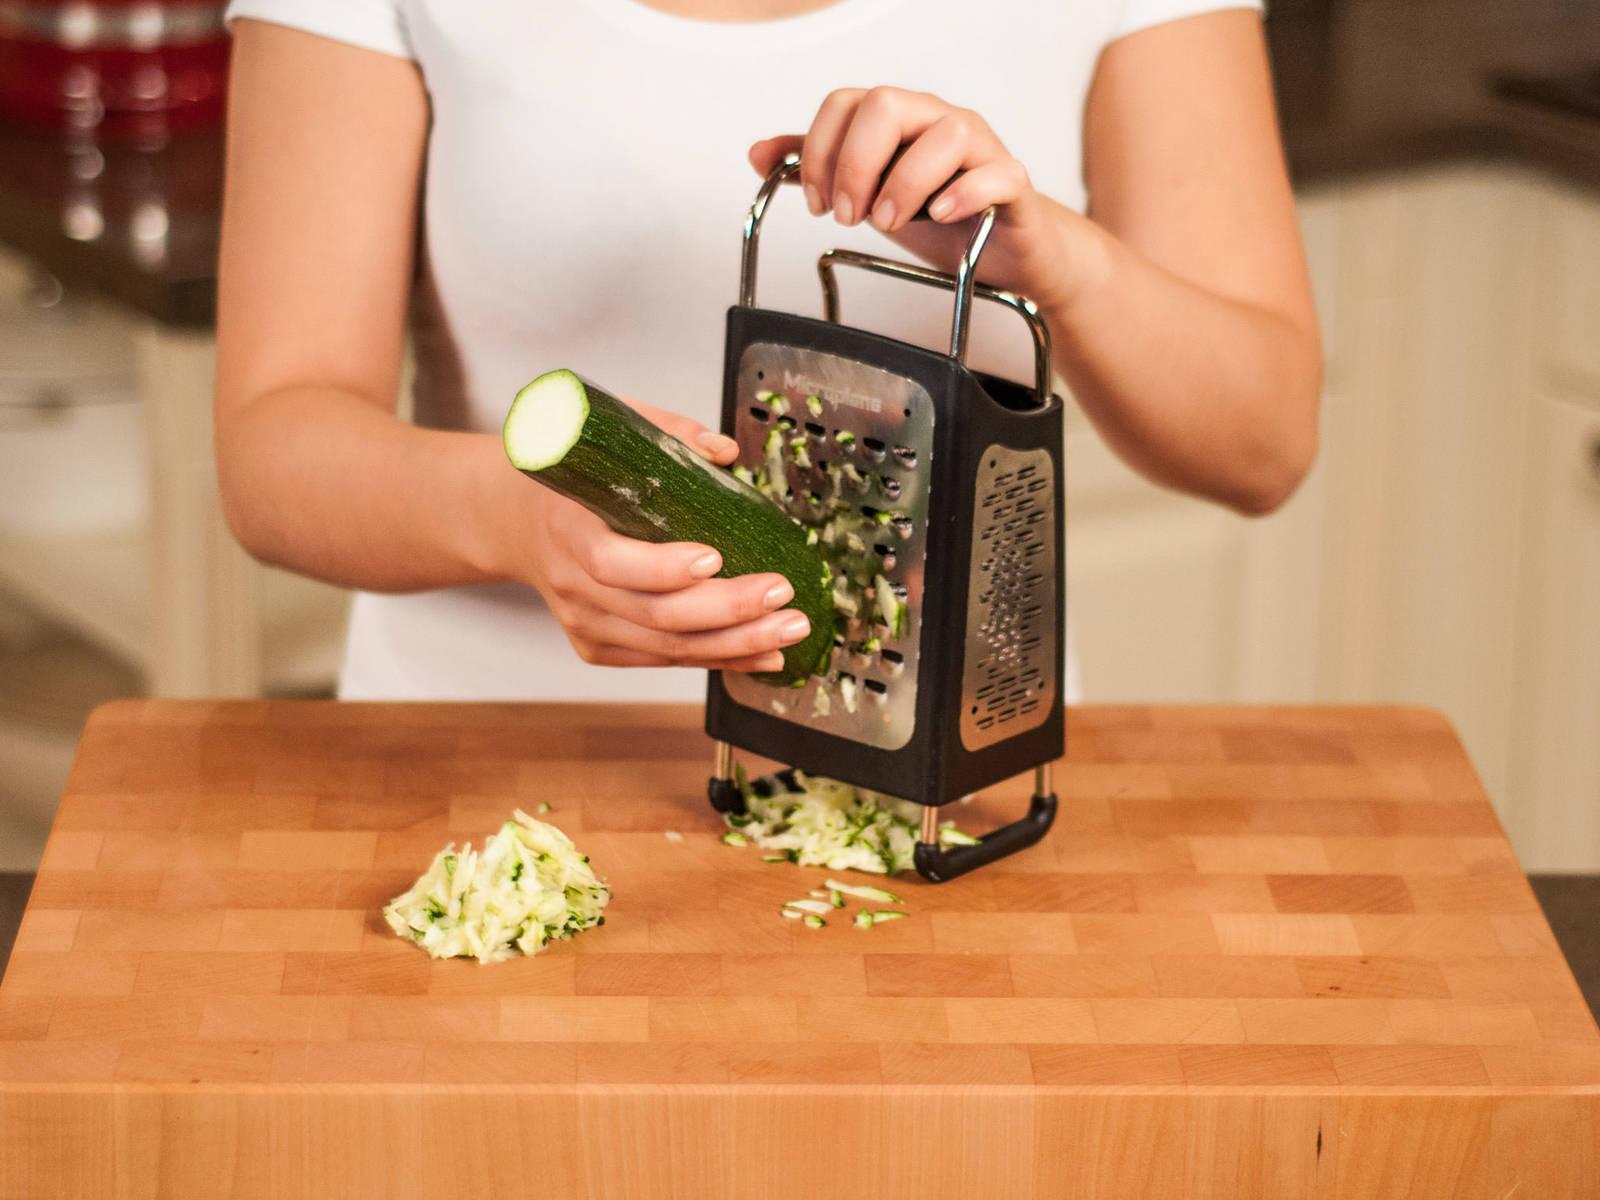 Backofen auf 180°C vorheizen. Enden der Zucchini abschneiden und Zucchini grob reiben. Dazu die großen Löcher der Vierkantreibe benutzen.